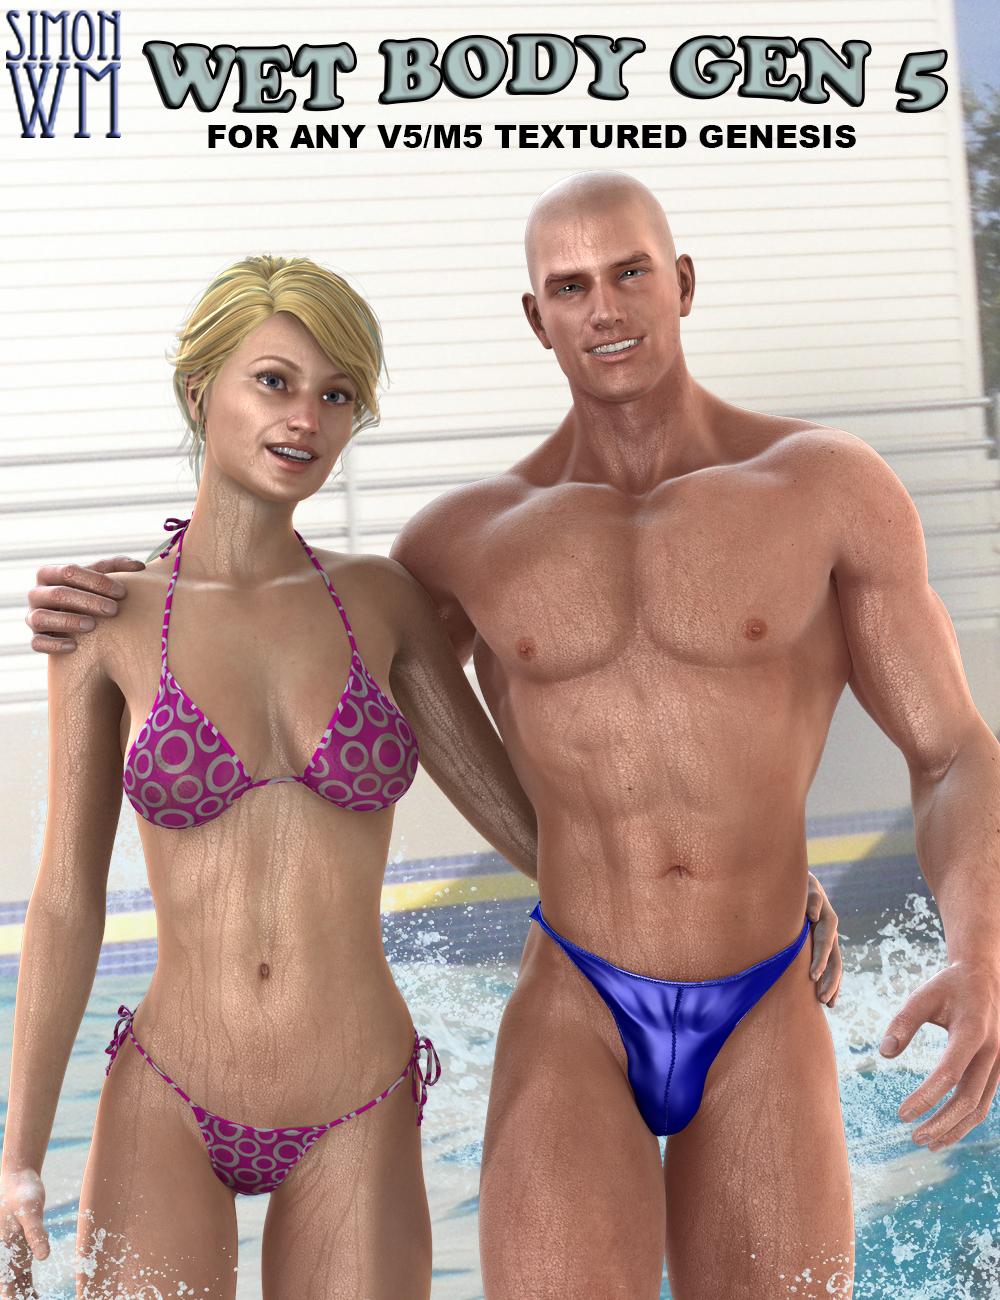 Wet Body Gen 5 by: SimonWM, 3D Models by Daz 3D